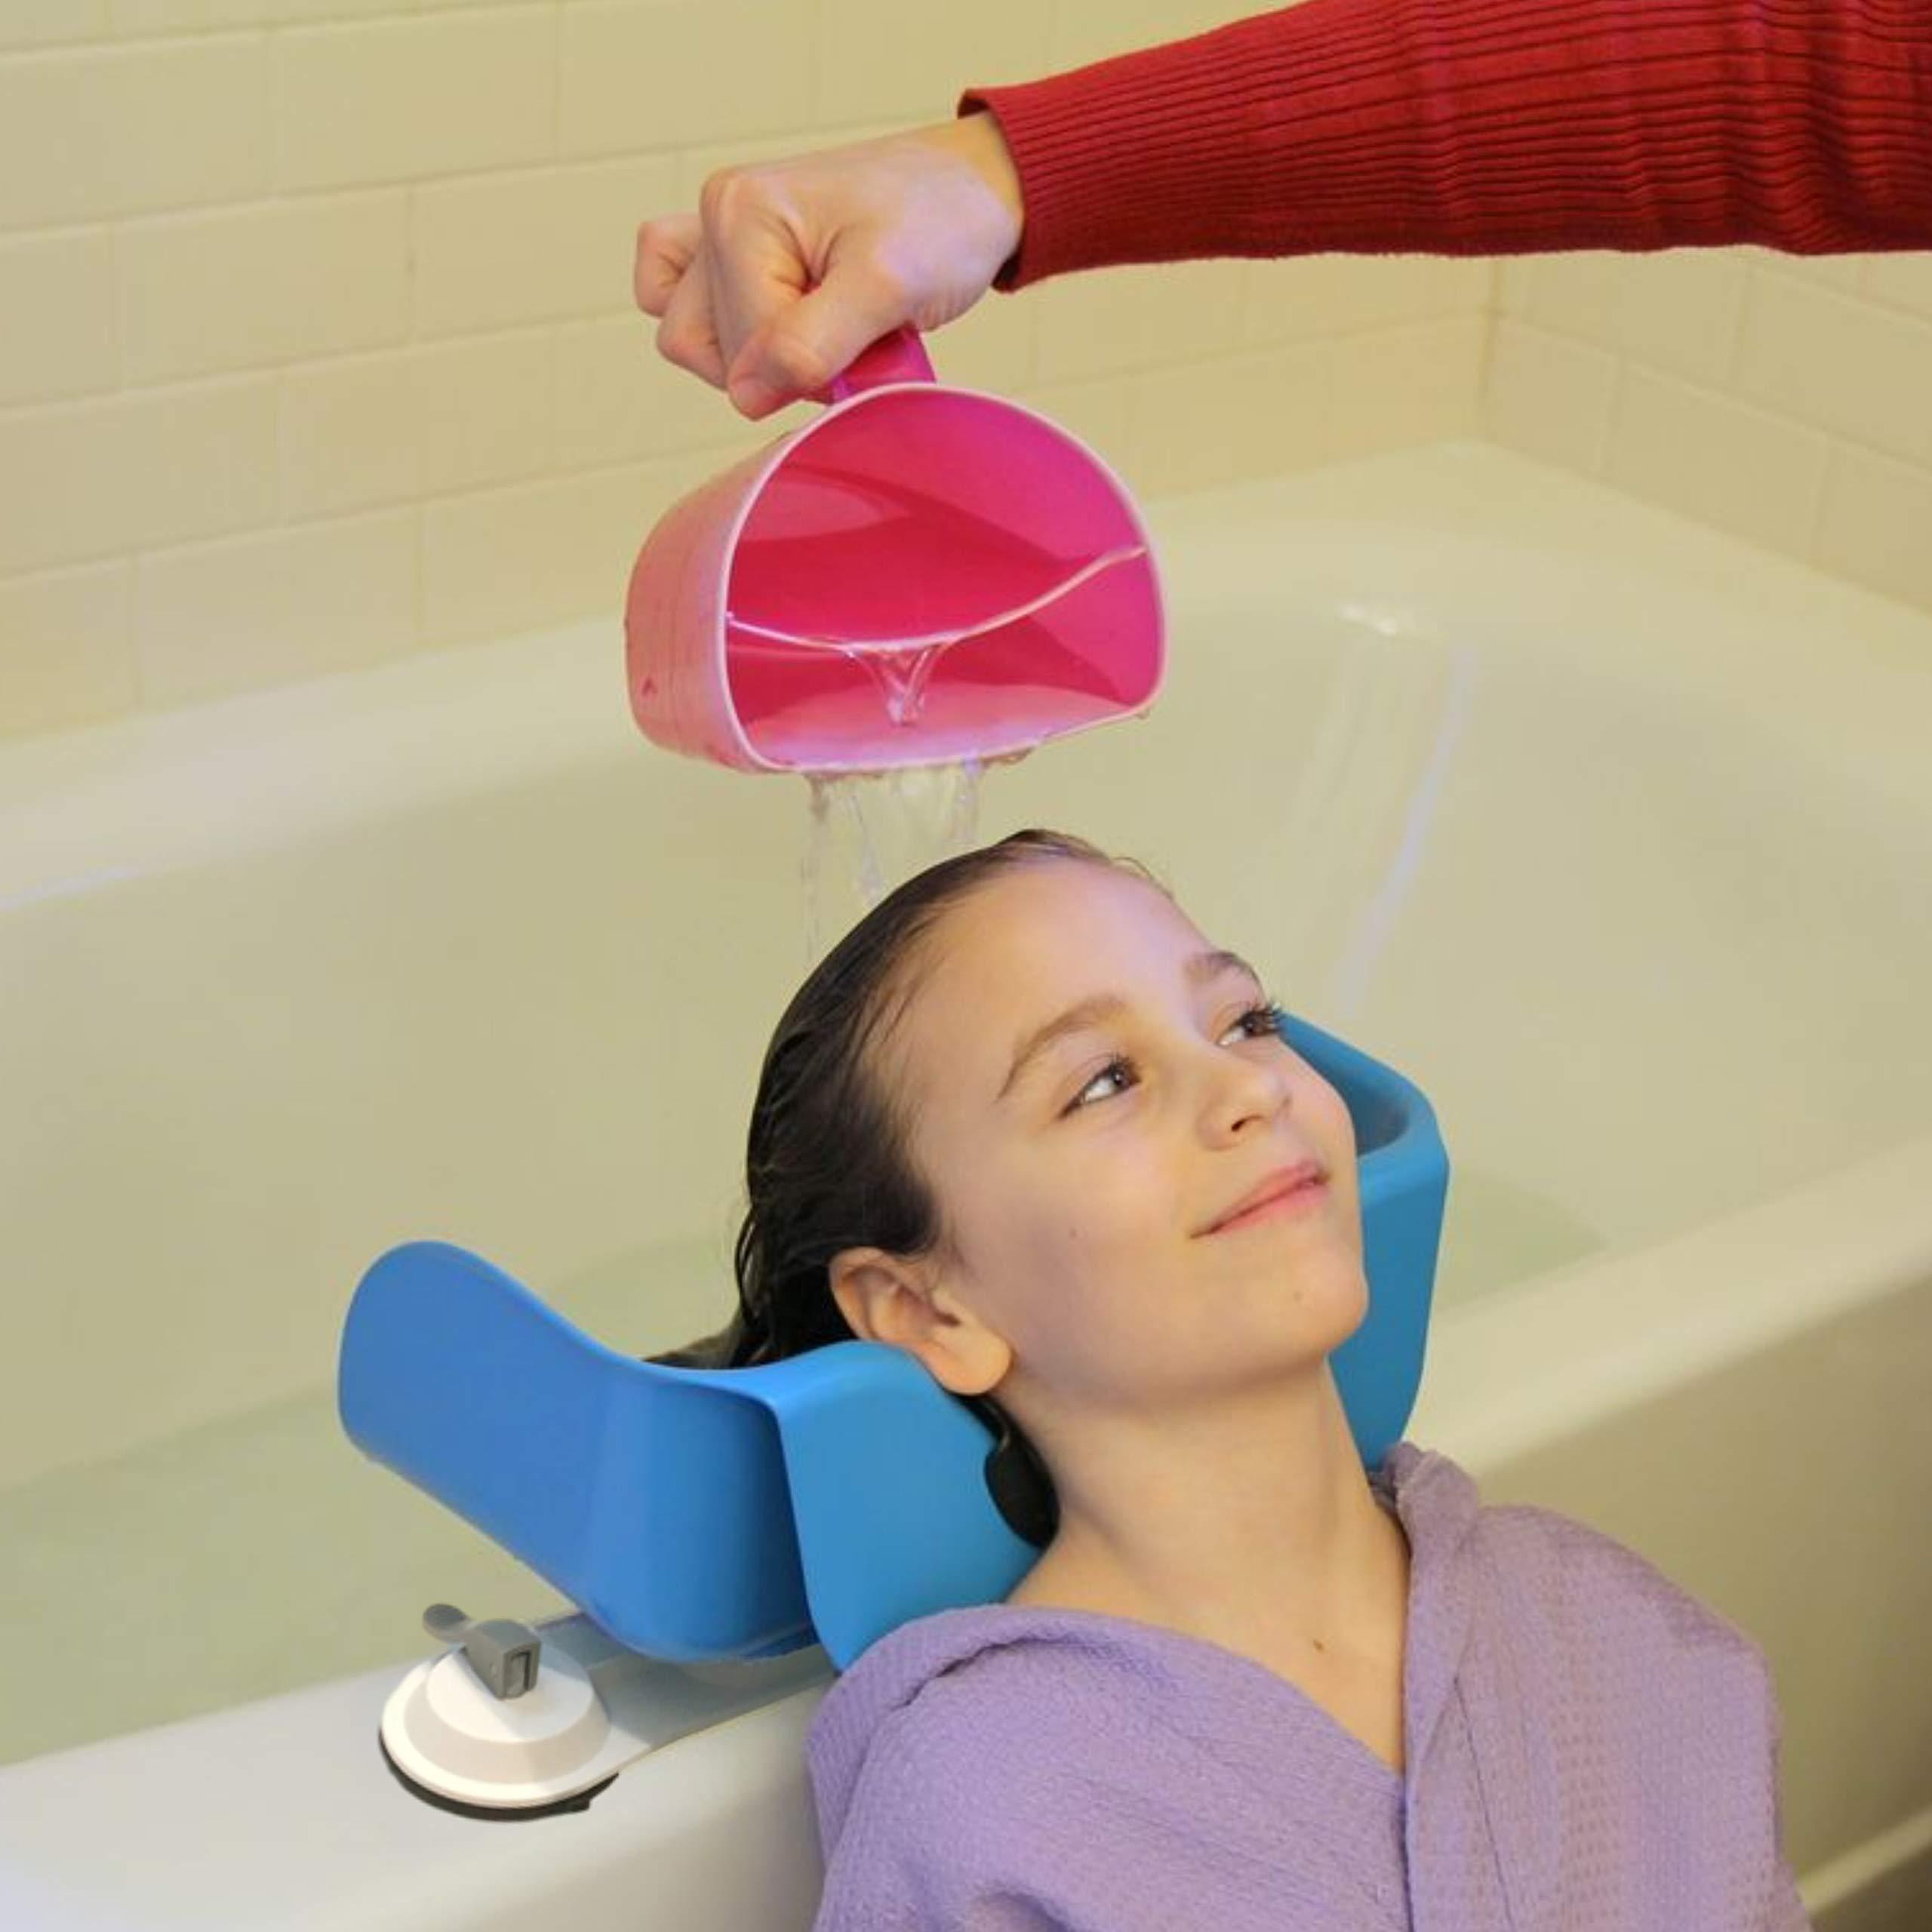 Shampoo Buddy Tear-Free Rinser for Children (Blue) by Shampoo Buddy (Image #5)